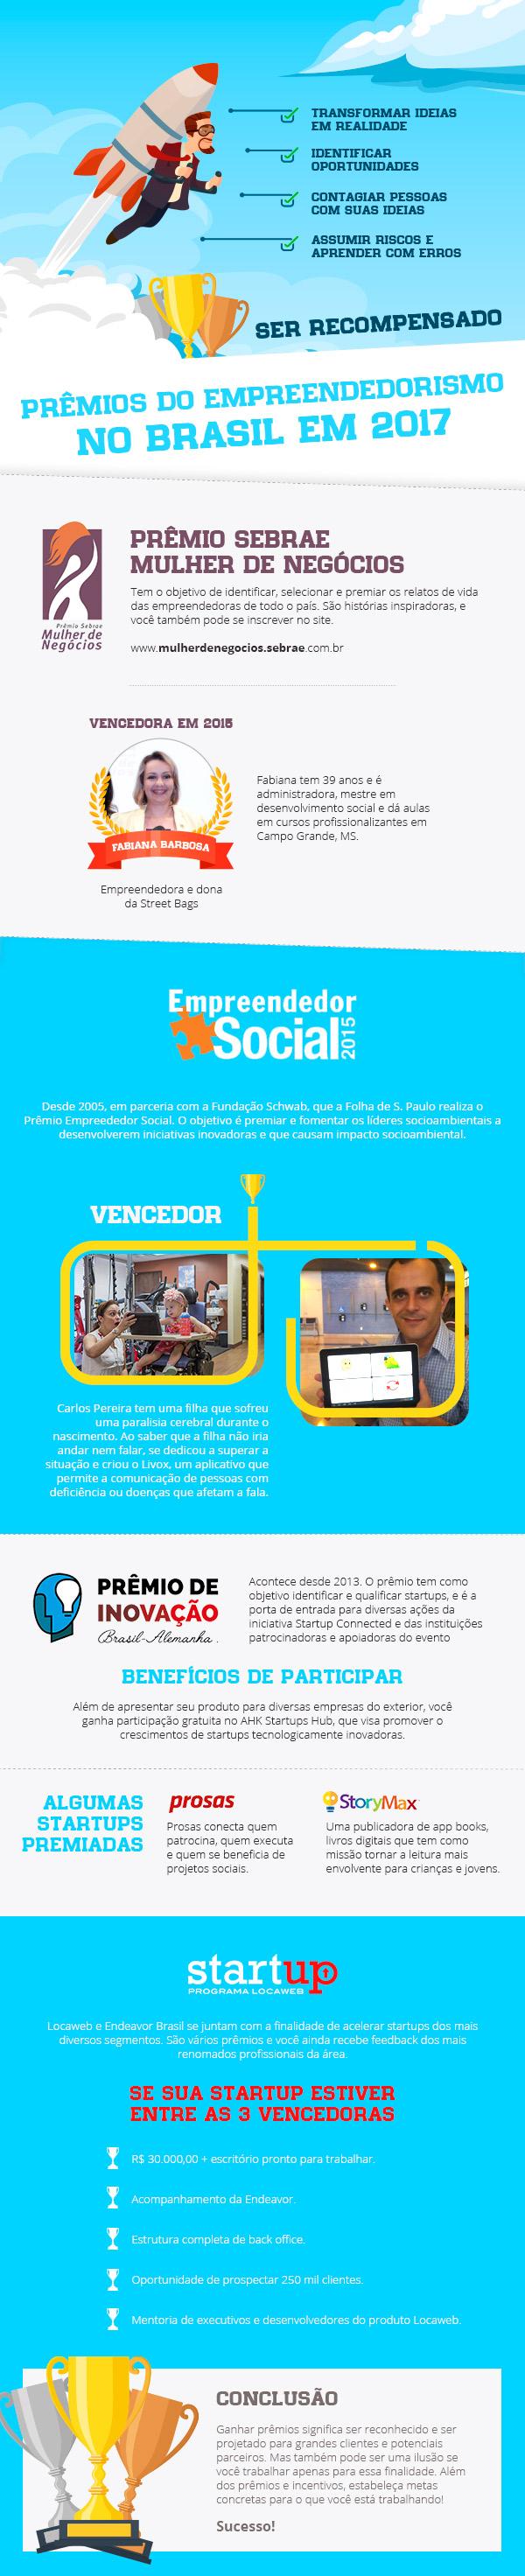 Infografico - Prêmios do Empreendedorismo Brasileiro